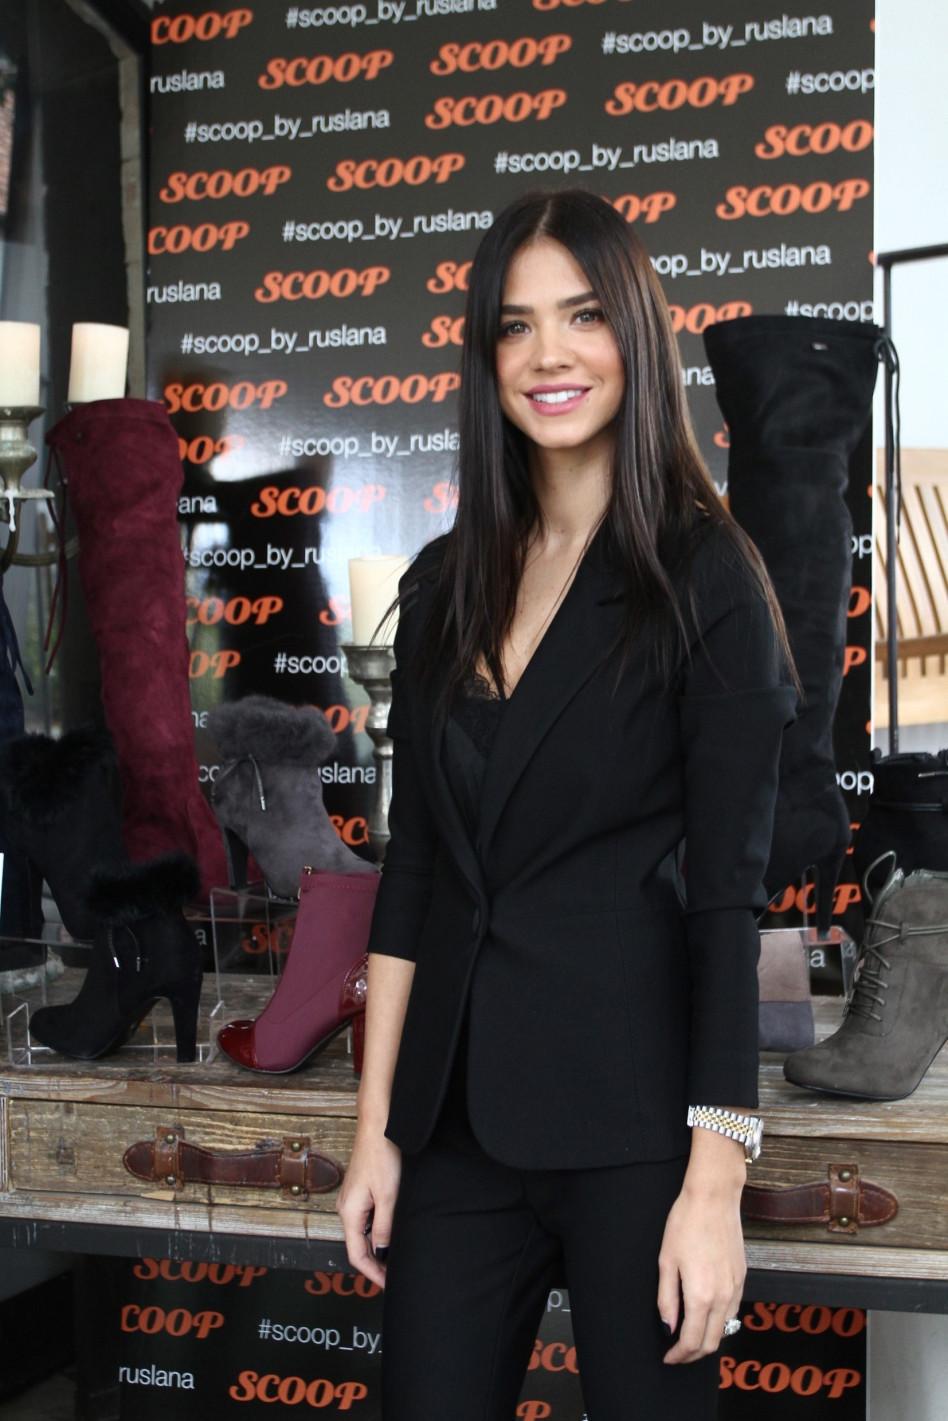 רוסלנה רודינה (צילום: אסף לב)